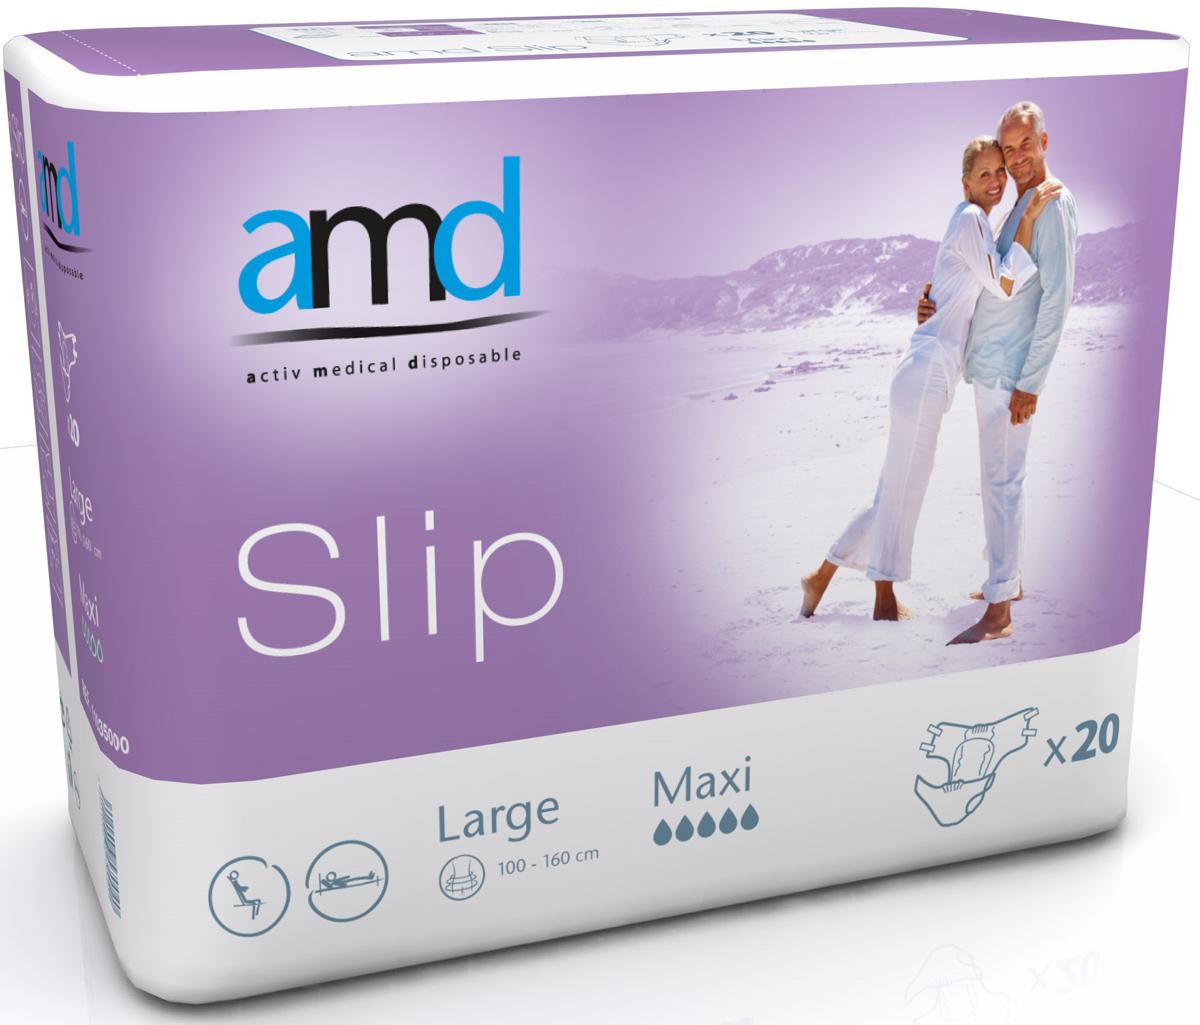 AMD Подгузники для взрослых Slip L Maxi 20 шт11035100Подгузники AMD Slip Large Maxi- это подгузники для взрослых с тяжелыми формами недержания. Максимально комфортный и экономичный уход за лежачими пациентами – без мацераций и раздражений кожи. Самые современные материалы и технологии. Не имеют аналогов по скорости и объемам впитывания. Производятся во Франции. Популярны во Франции, Германии, Великобритании, Австралии. Впитываемость: более 3850 мл. Размер: №3 (L) 100-160 см. Упаковка: 20 шт. Маркировка - фиолетовая.